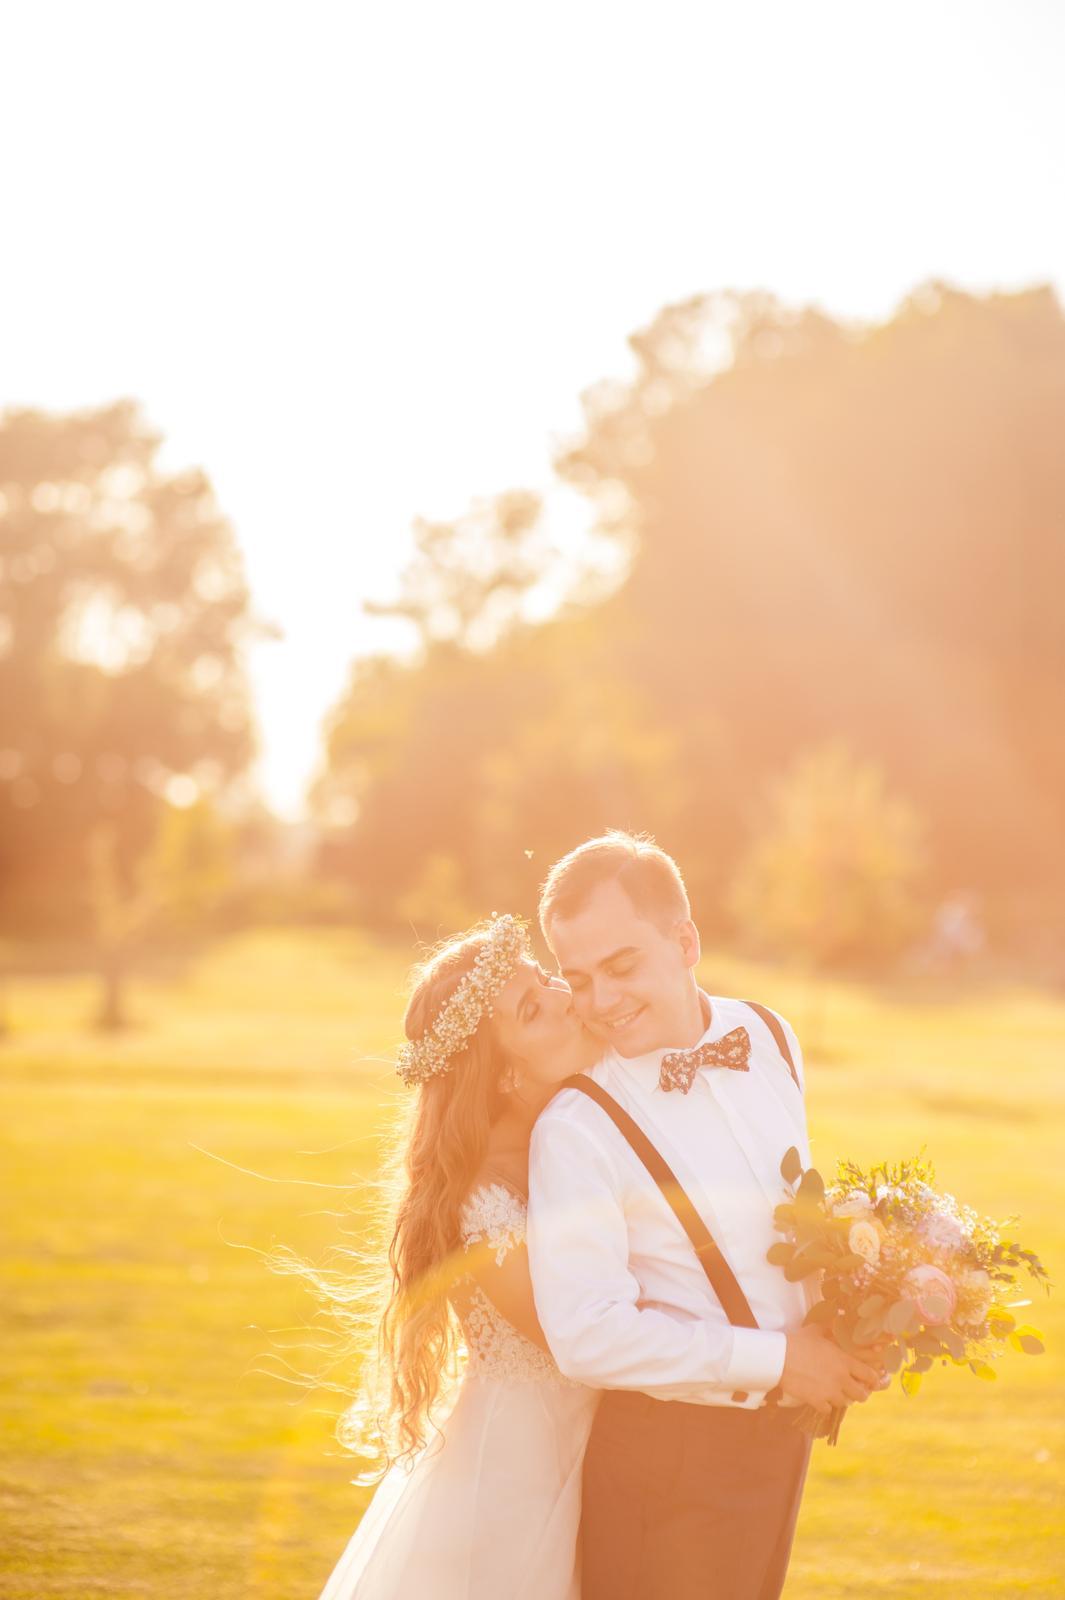 Wedding ♥ - Obrázek č. 95